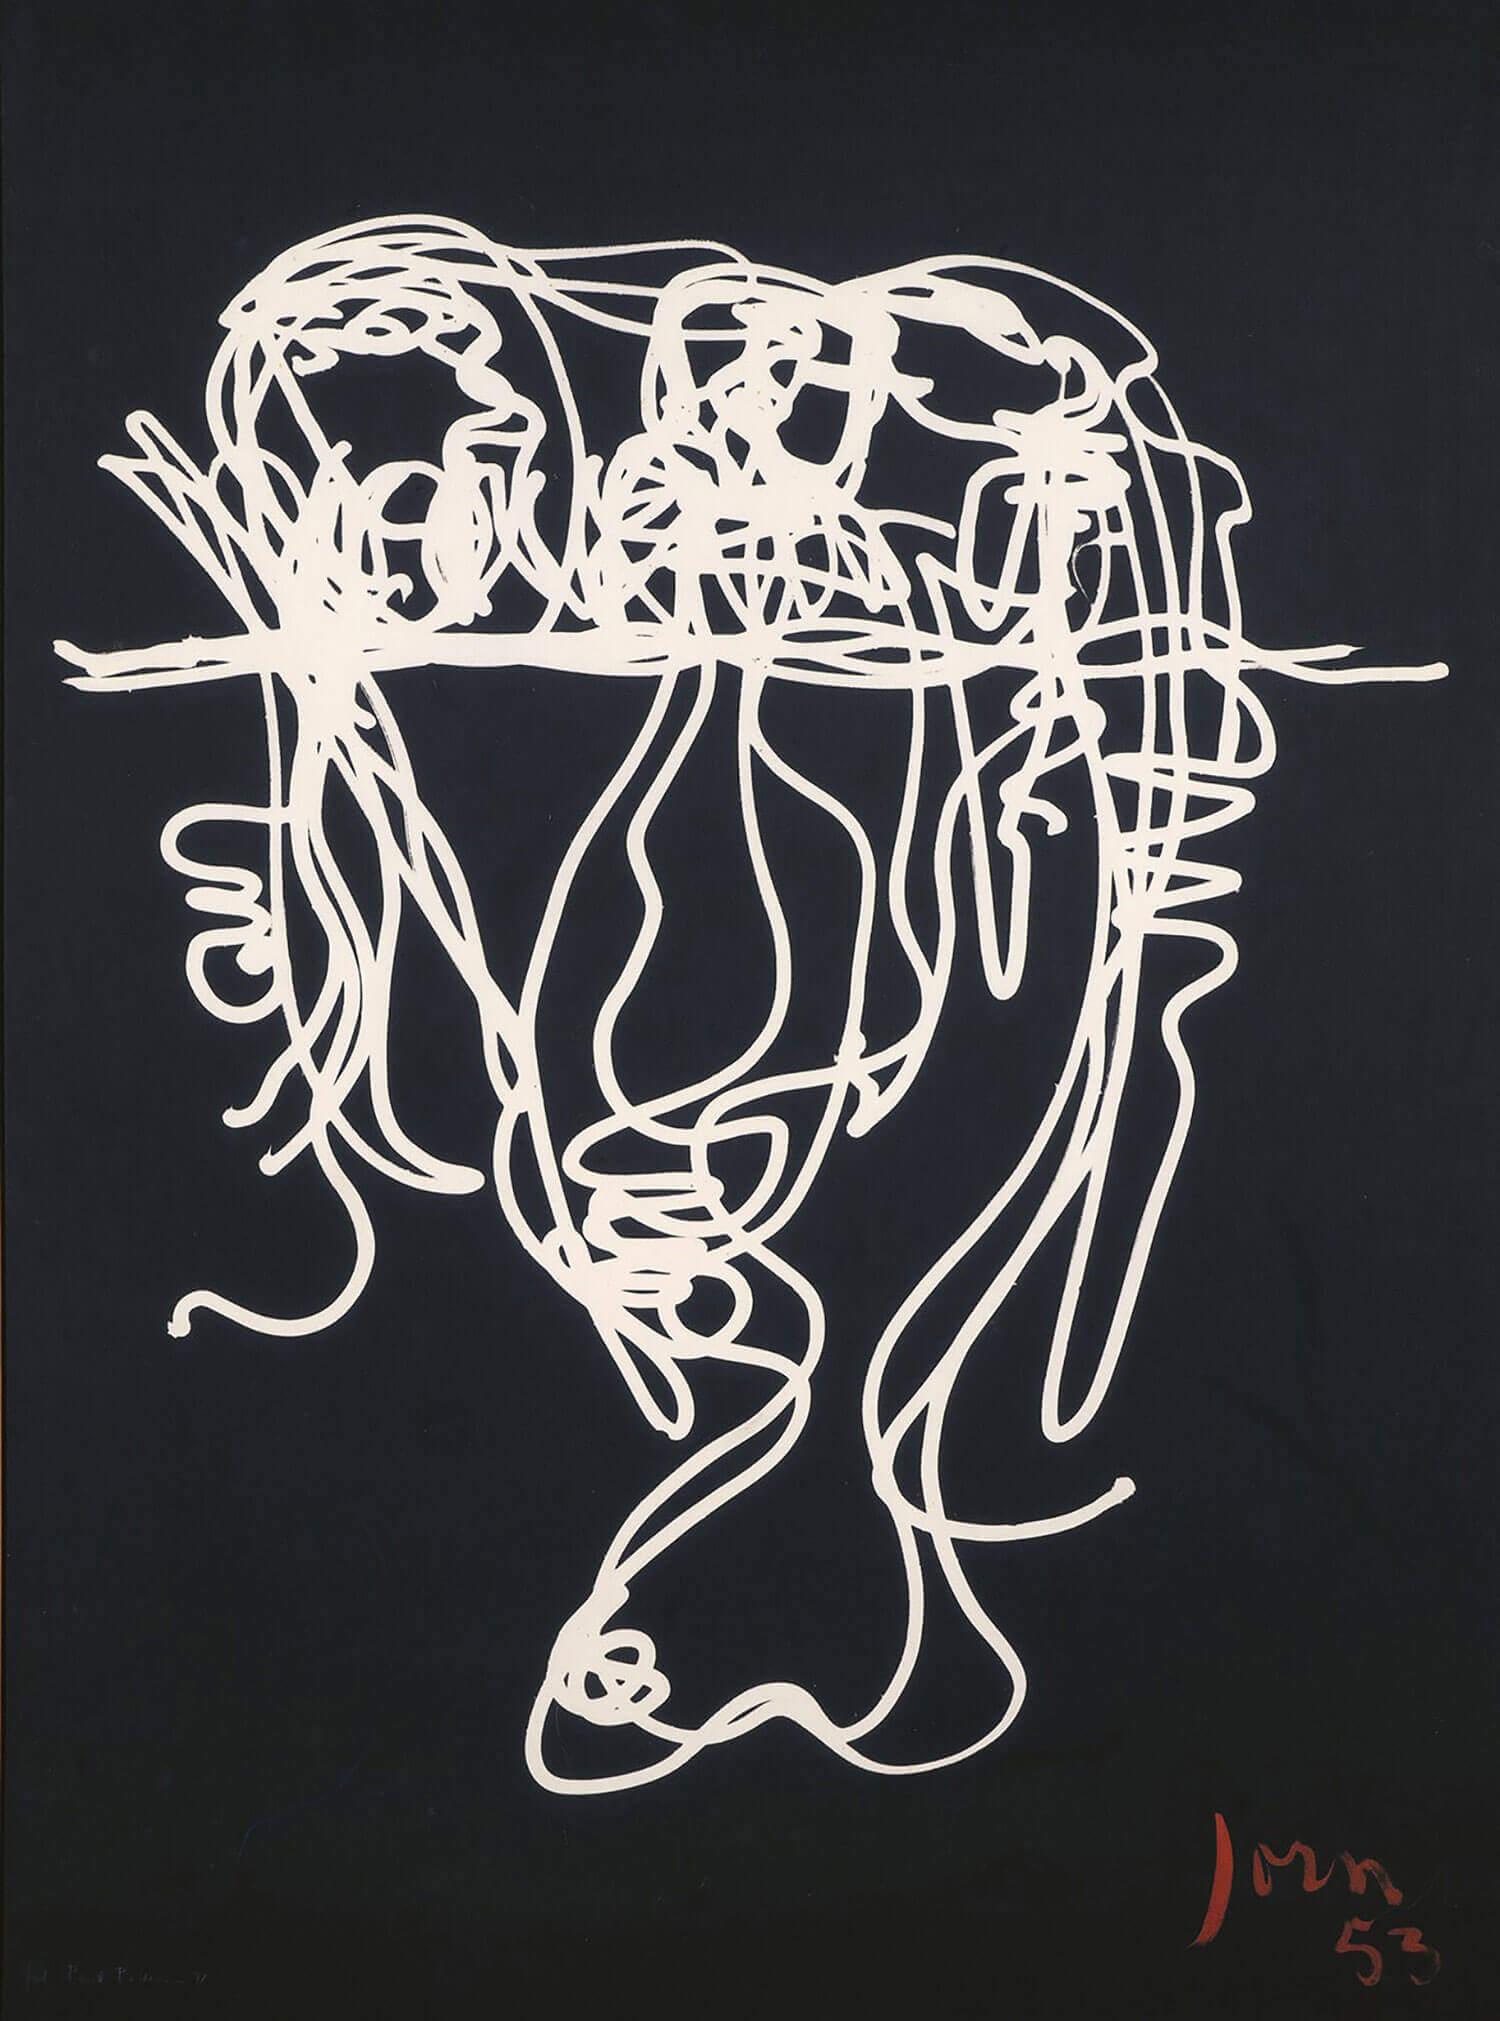 Asger Jorn (fotograf: Poul Pedersen):  OVER STREGEN OG UNDER, 1953/1971 Lystegning, fotografisk aftryk på  præpareret lærred 159 x 119 cm